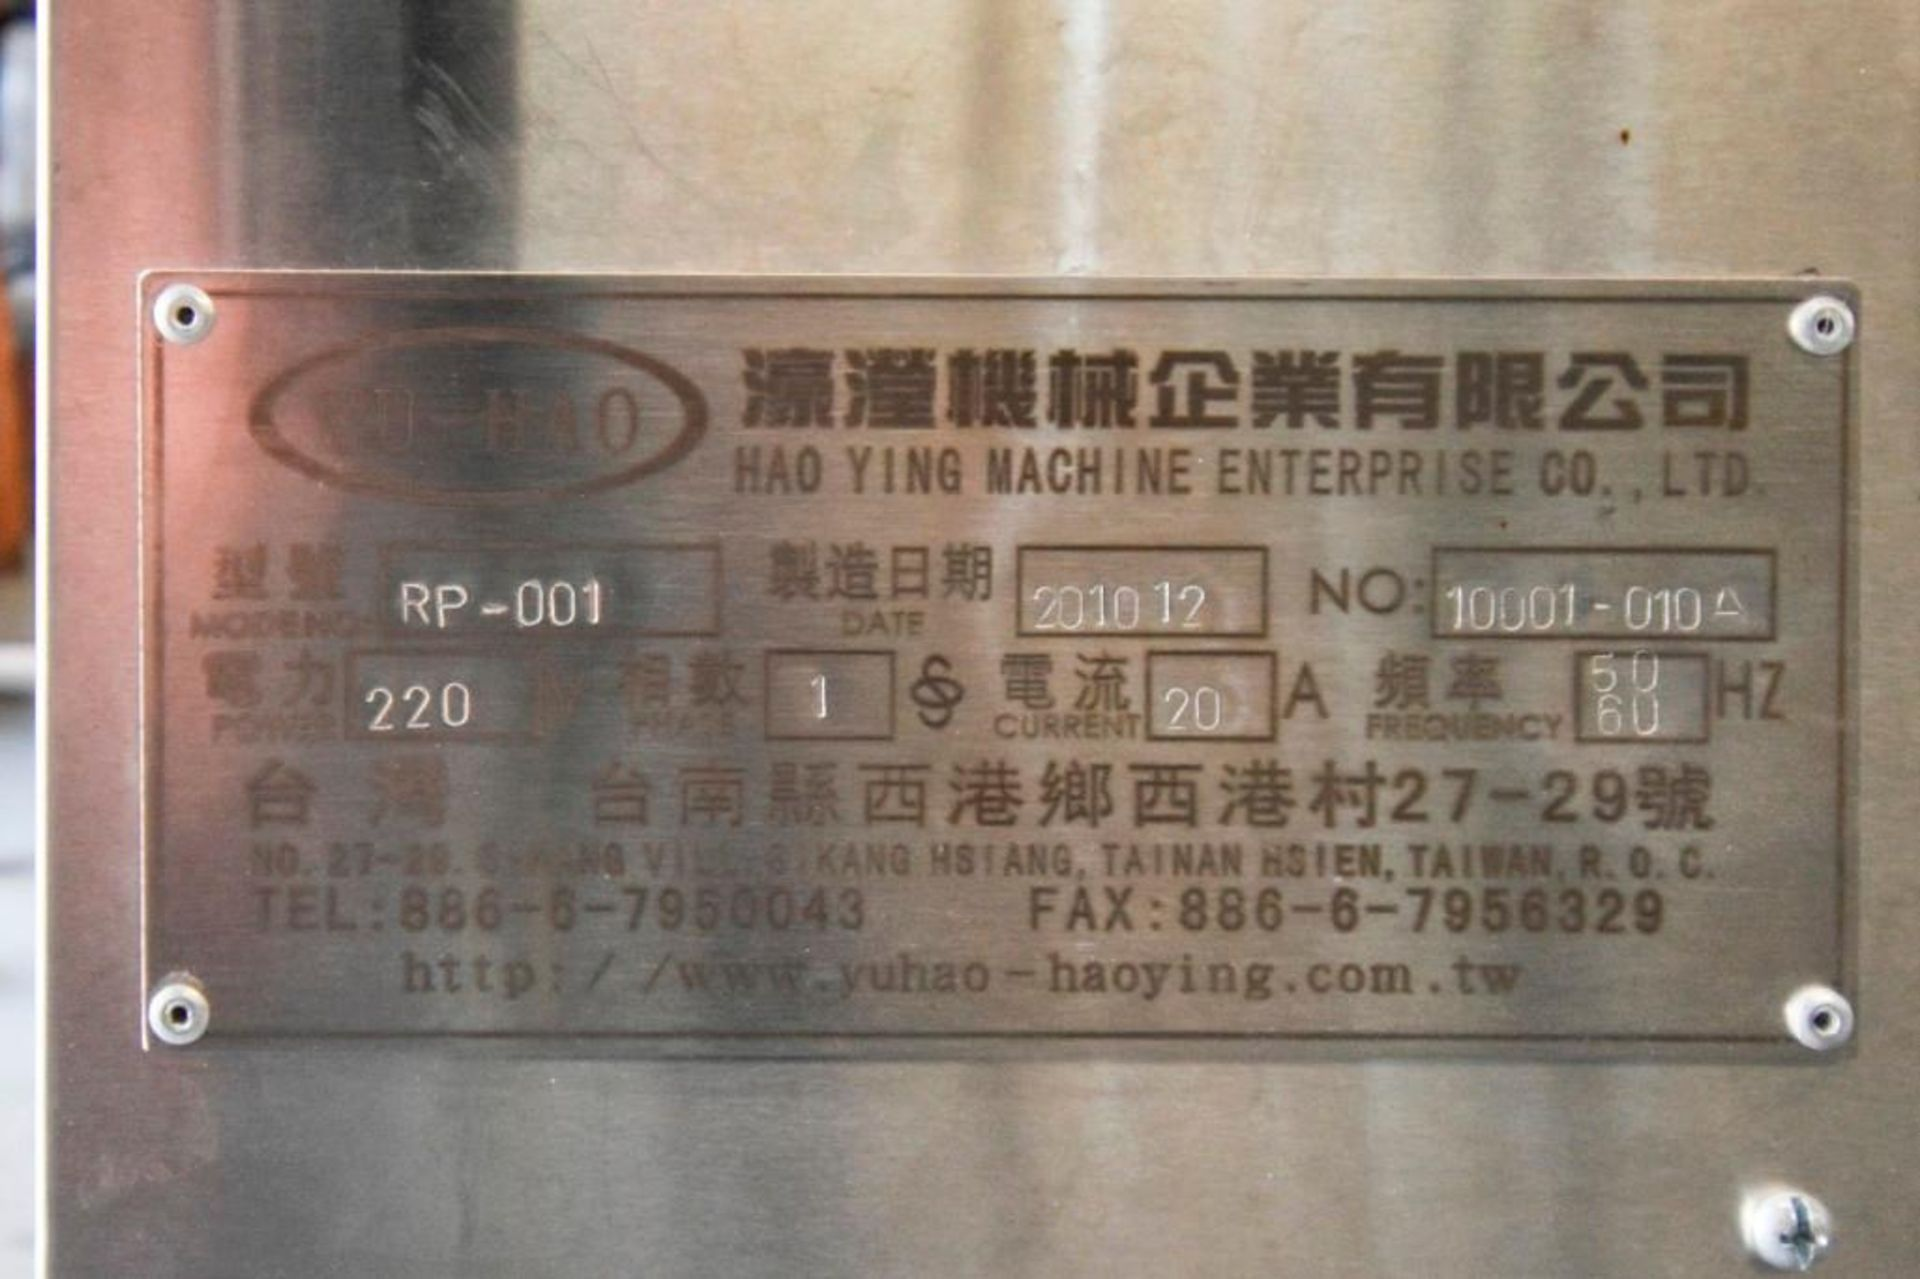 Yu Hao R-P-001 Mascara Filler - Image 6 of 15